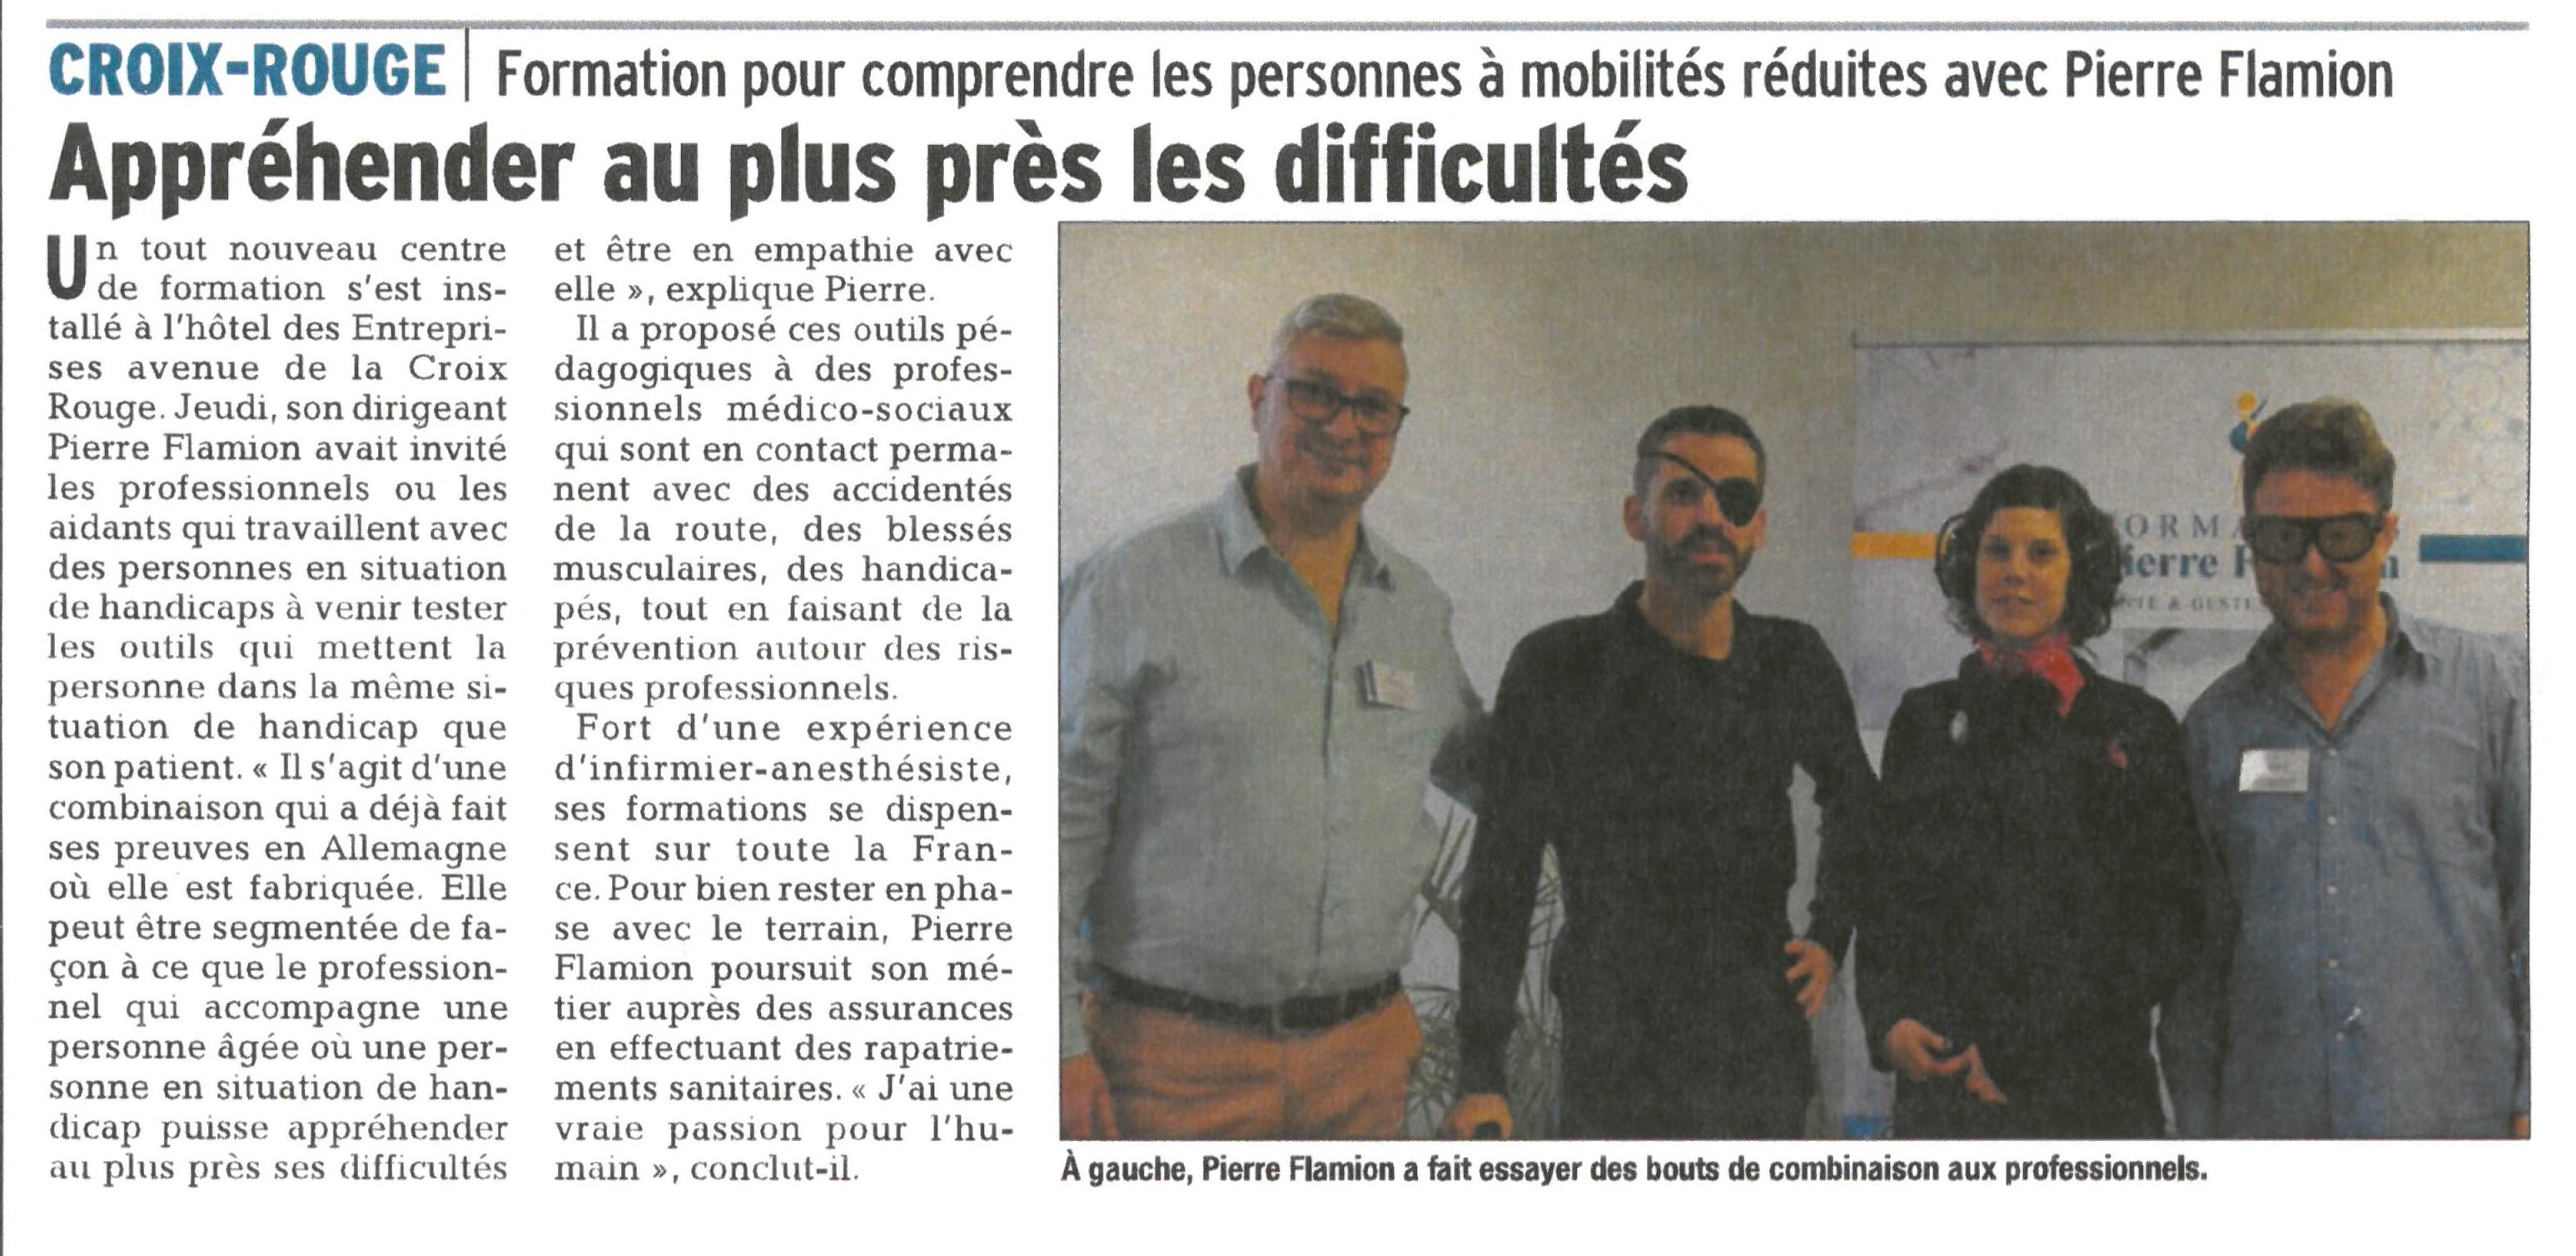 Les Formations Pierre Flamion, on en parle ! Merci au Journal Vaucluse Matin.